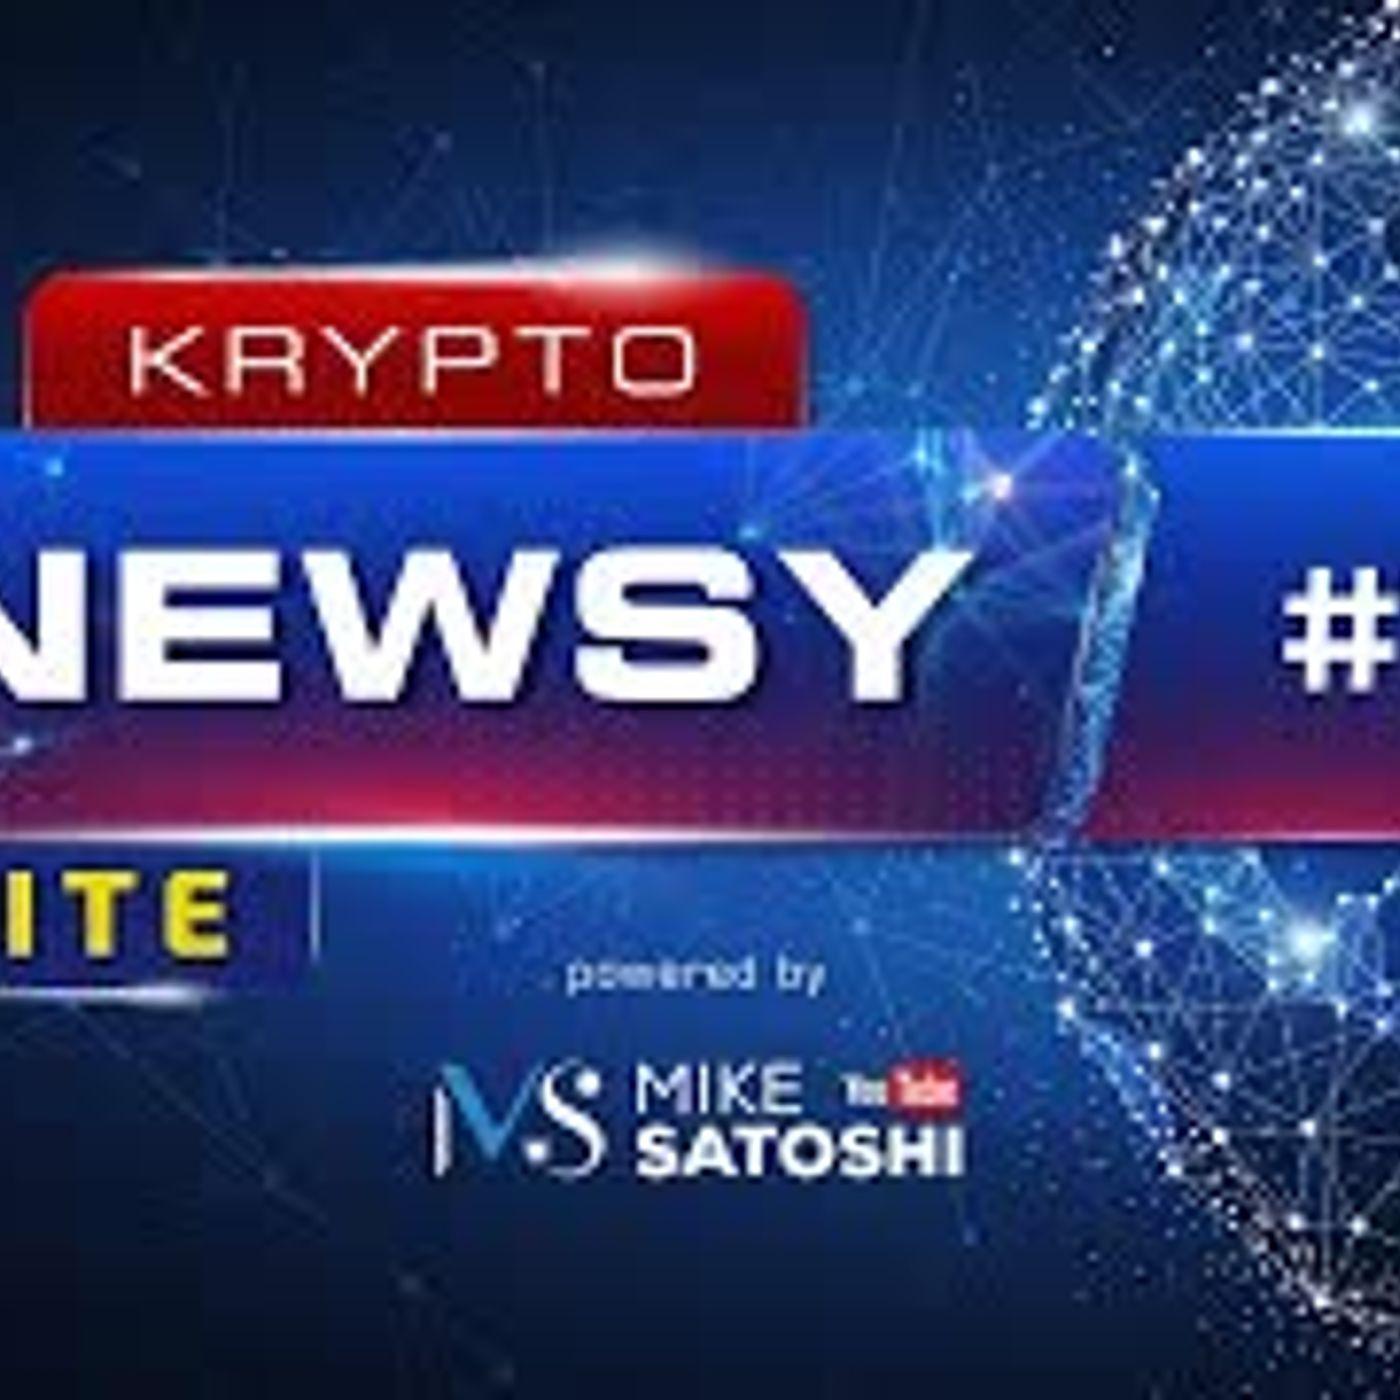 Krypto-Newsy Lite #7 | 25.05.2020 | Czy Craig Wright to jednak nie Satoshi? Chiny zamykają kopalnie BTC! Adopcja Ethereum, XRP w Europie